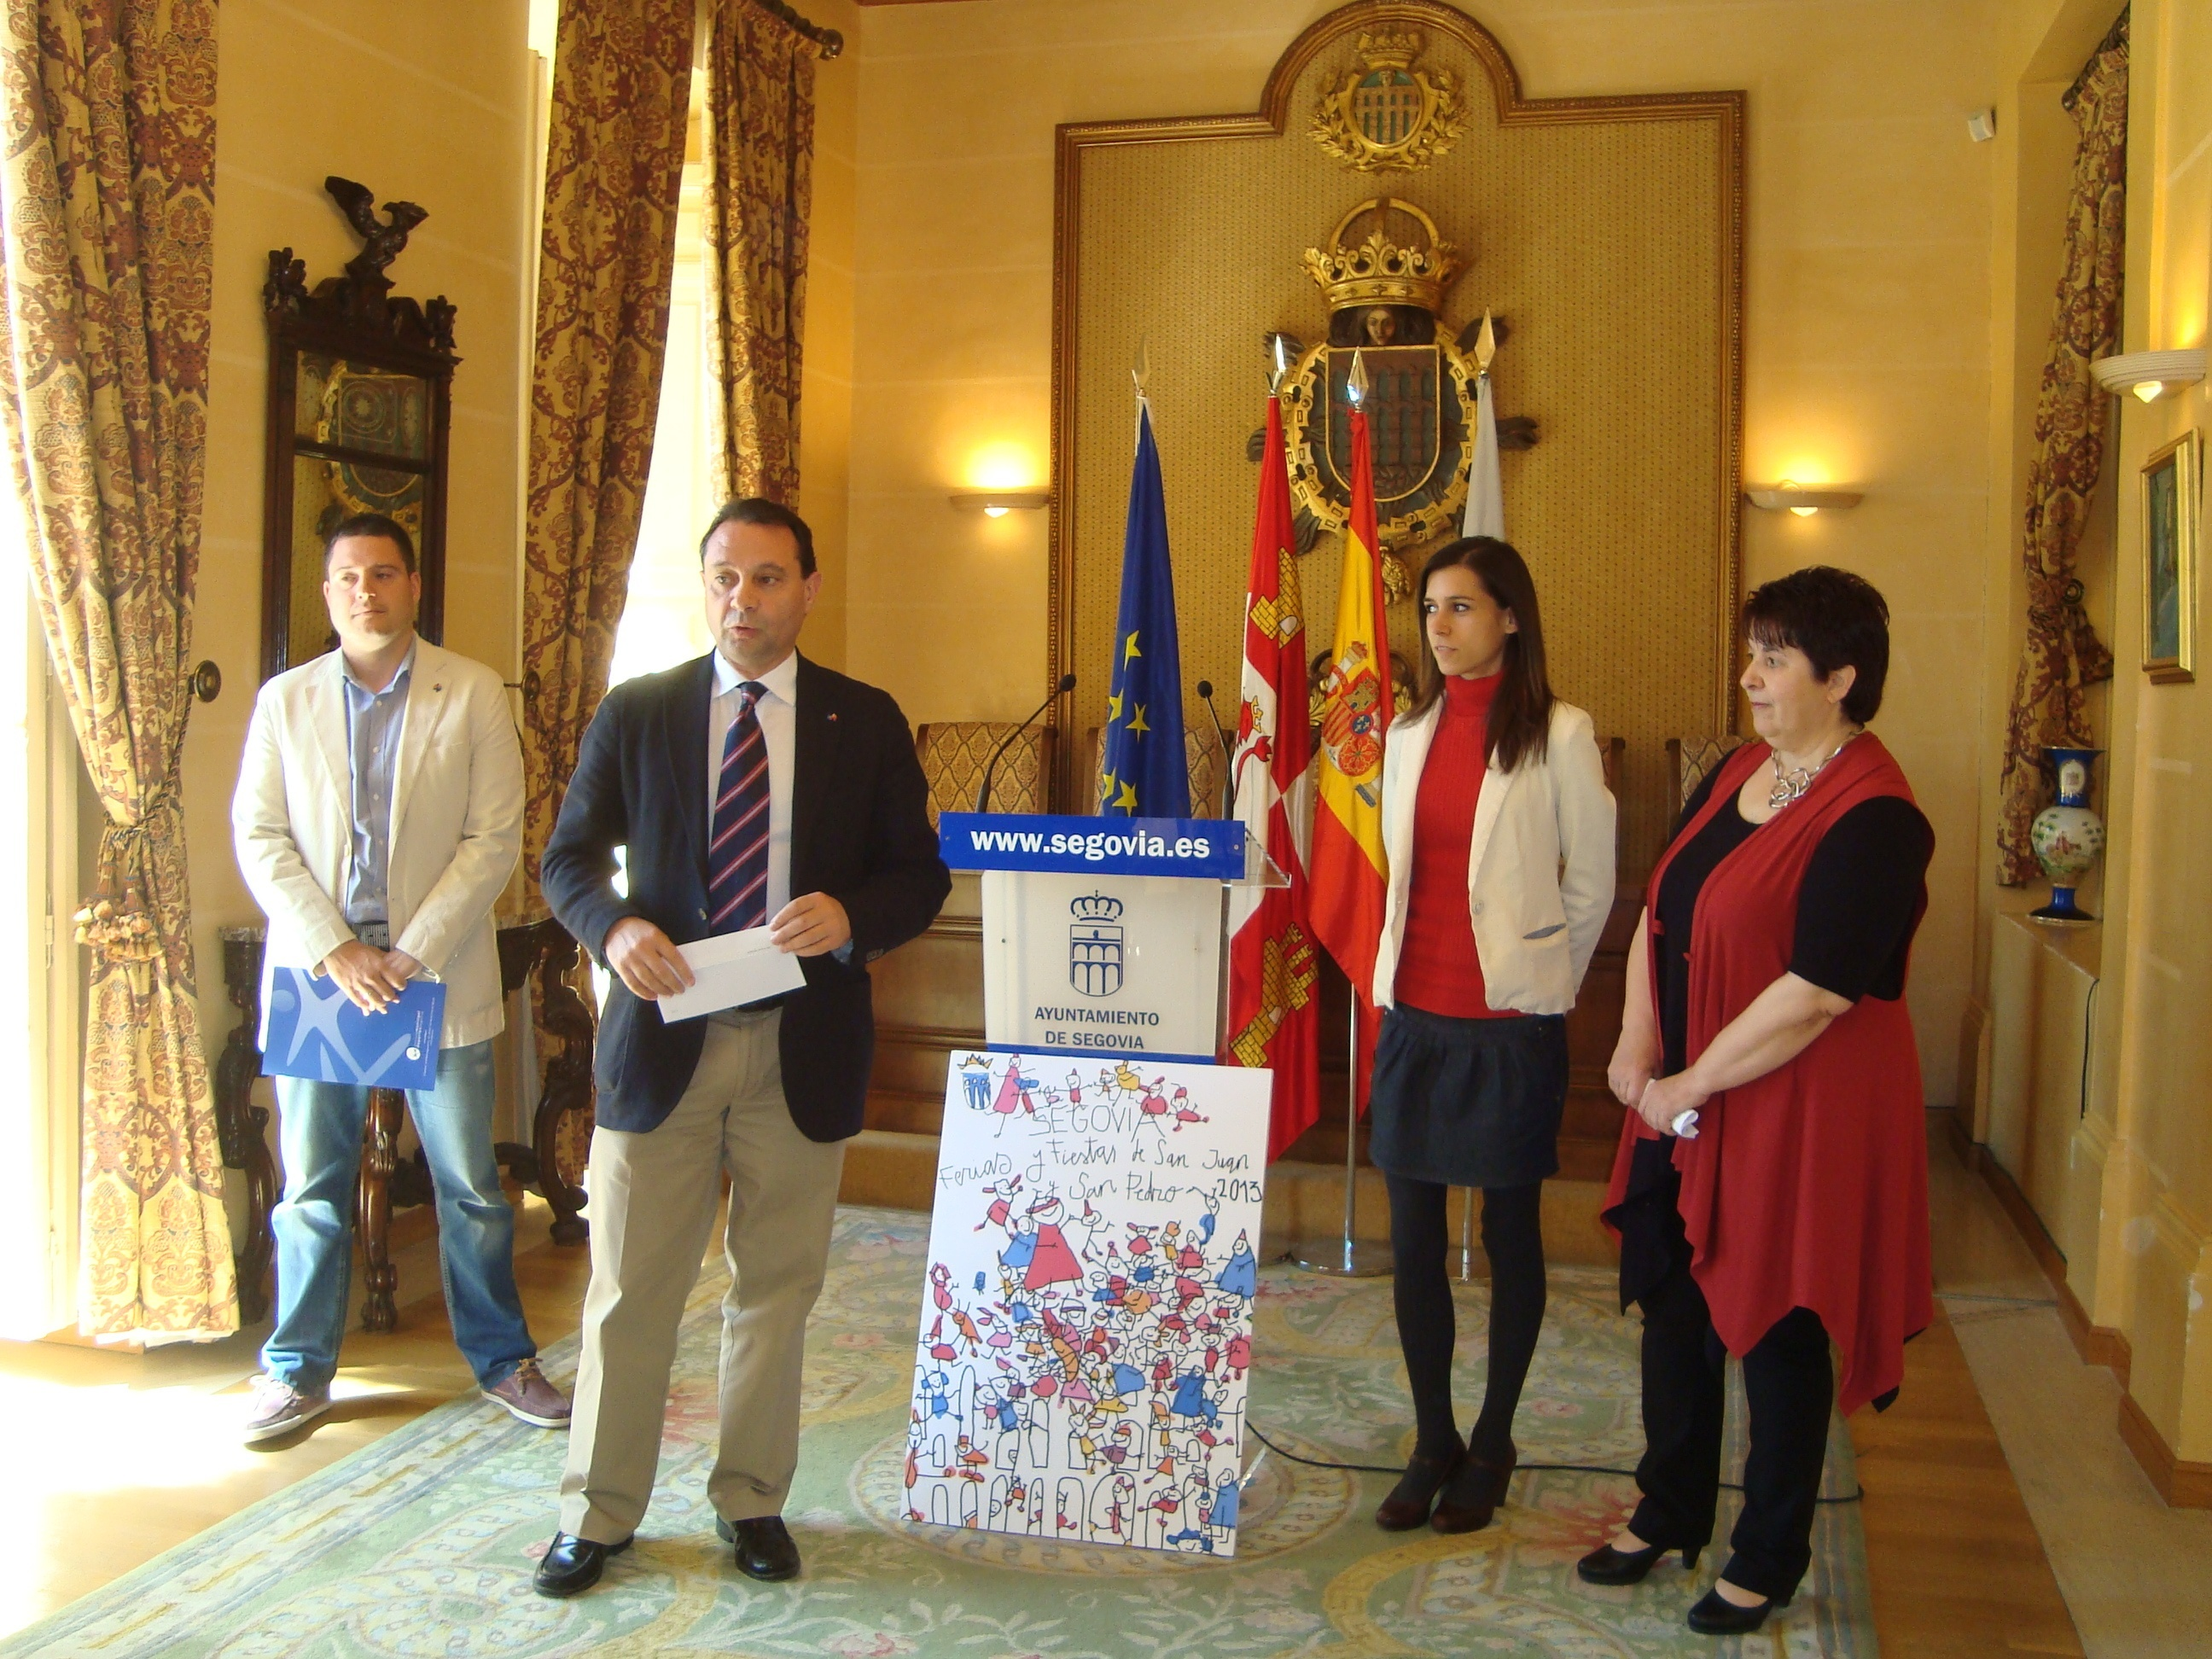 Mago de Oz, Love of Lesbian, Mojinos y el festival de humor »Territorios Ja!», en las Ferias y Fiestas de Segovia